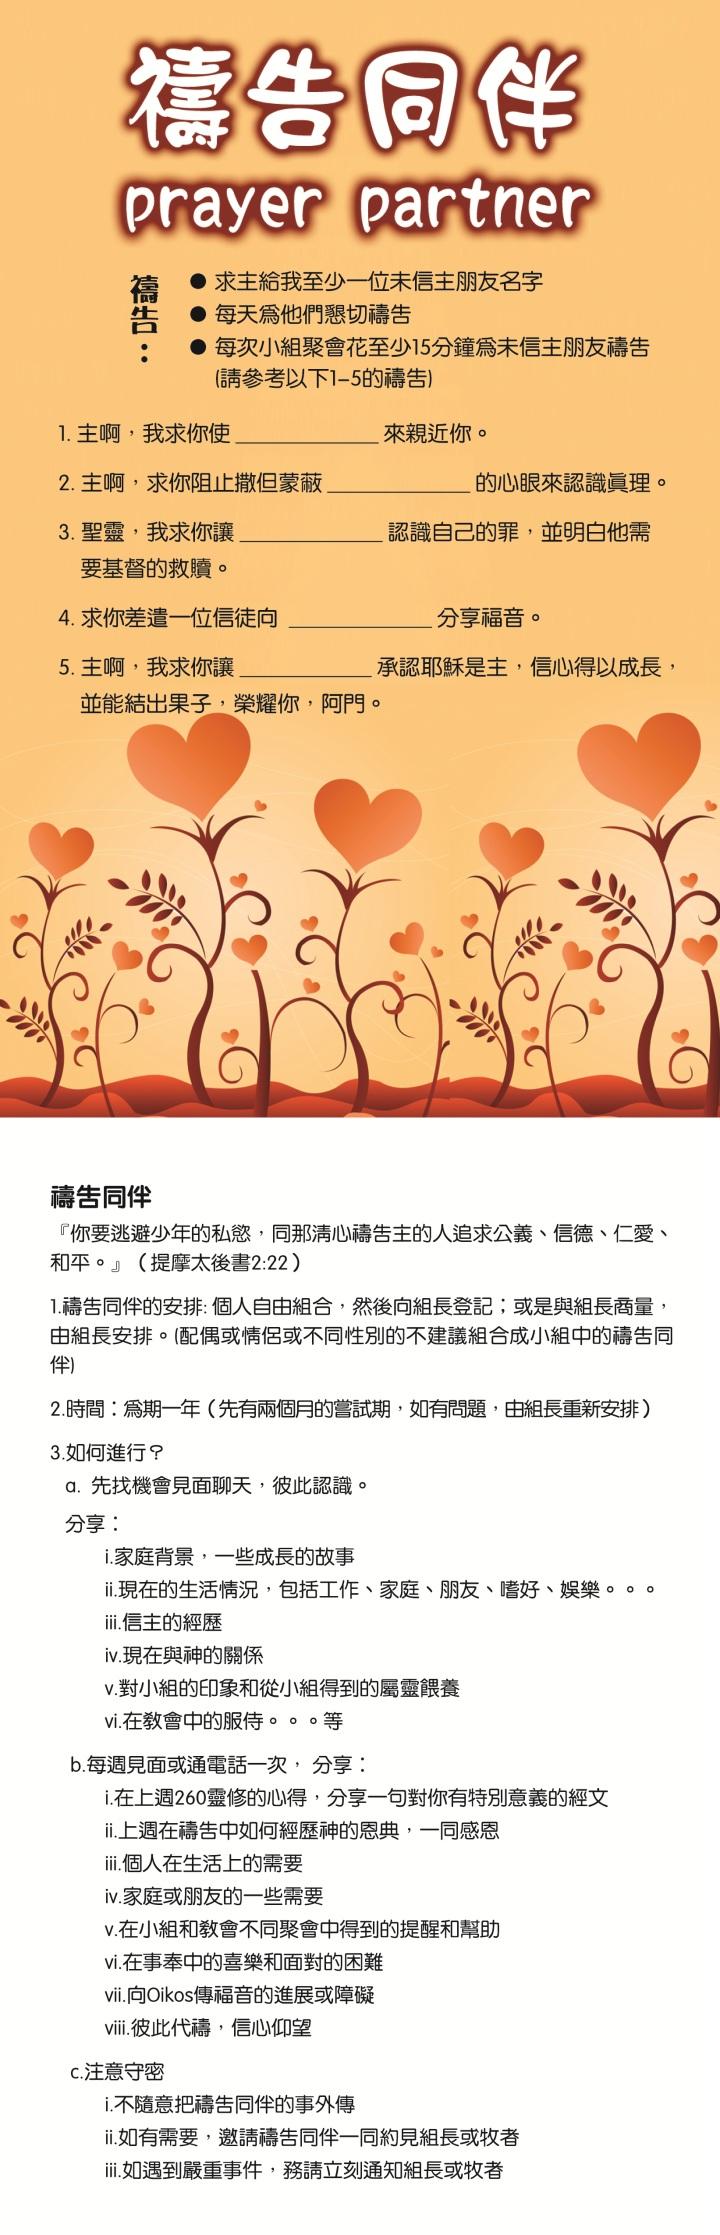 prayerpartner-poster